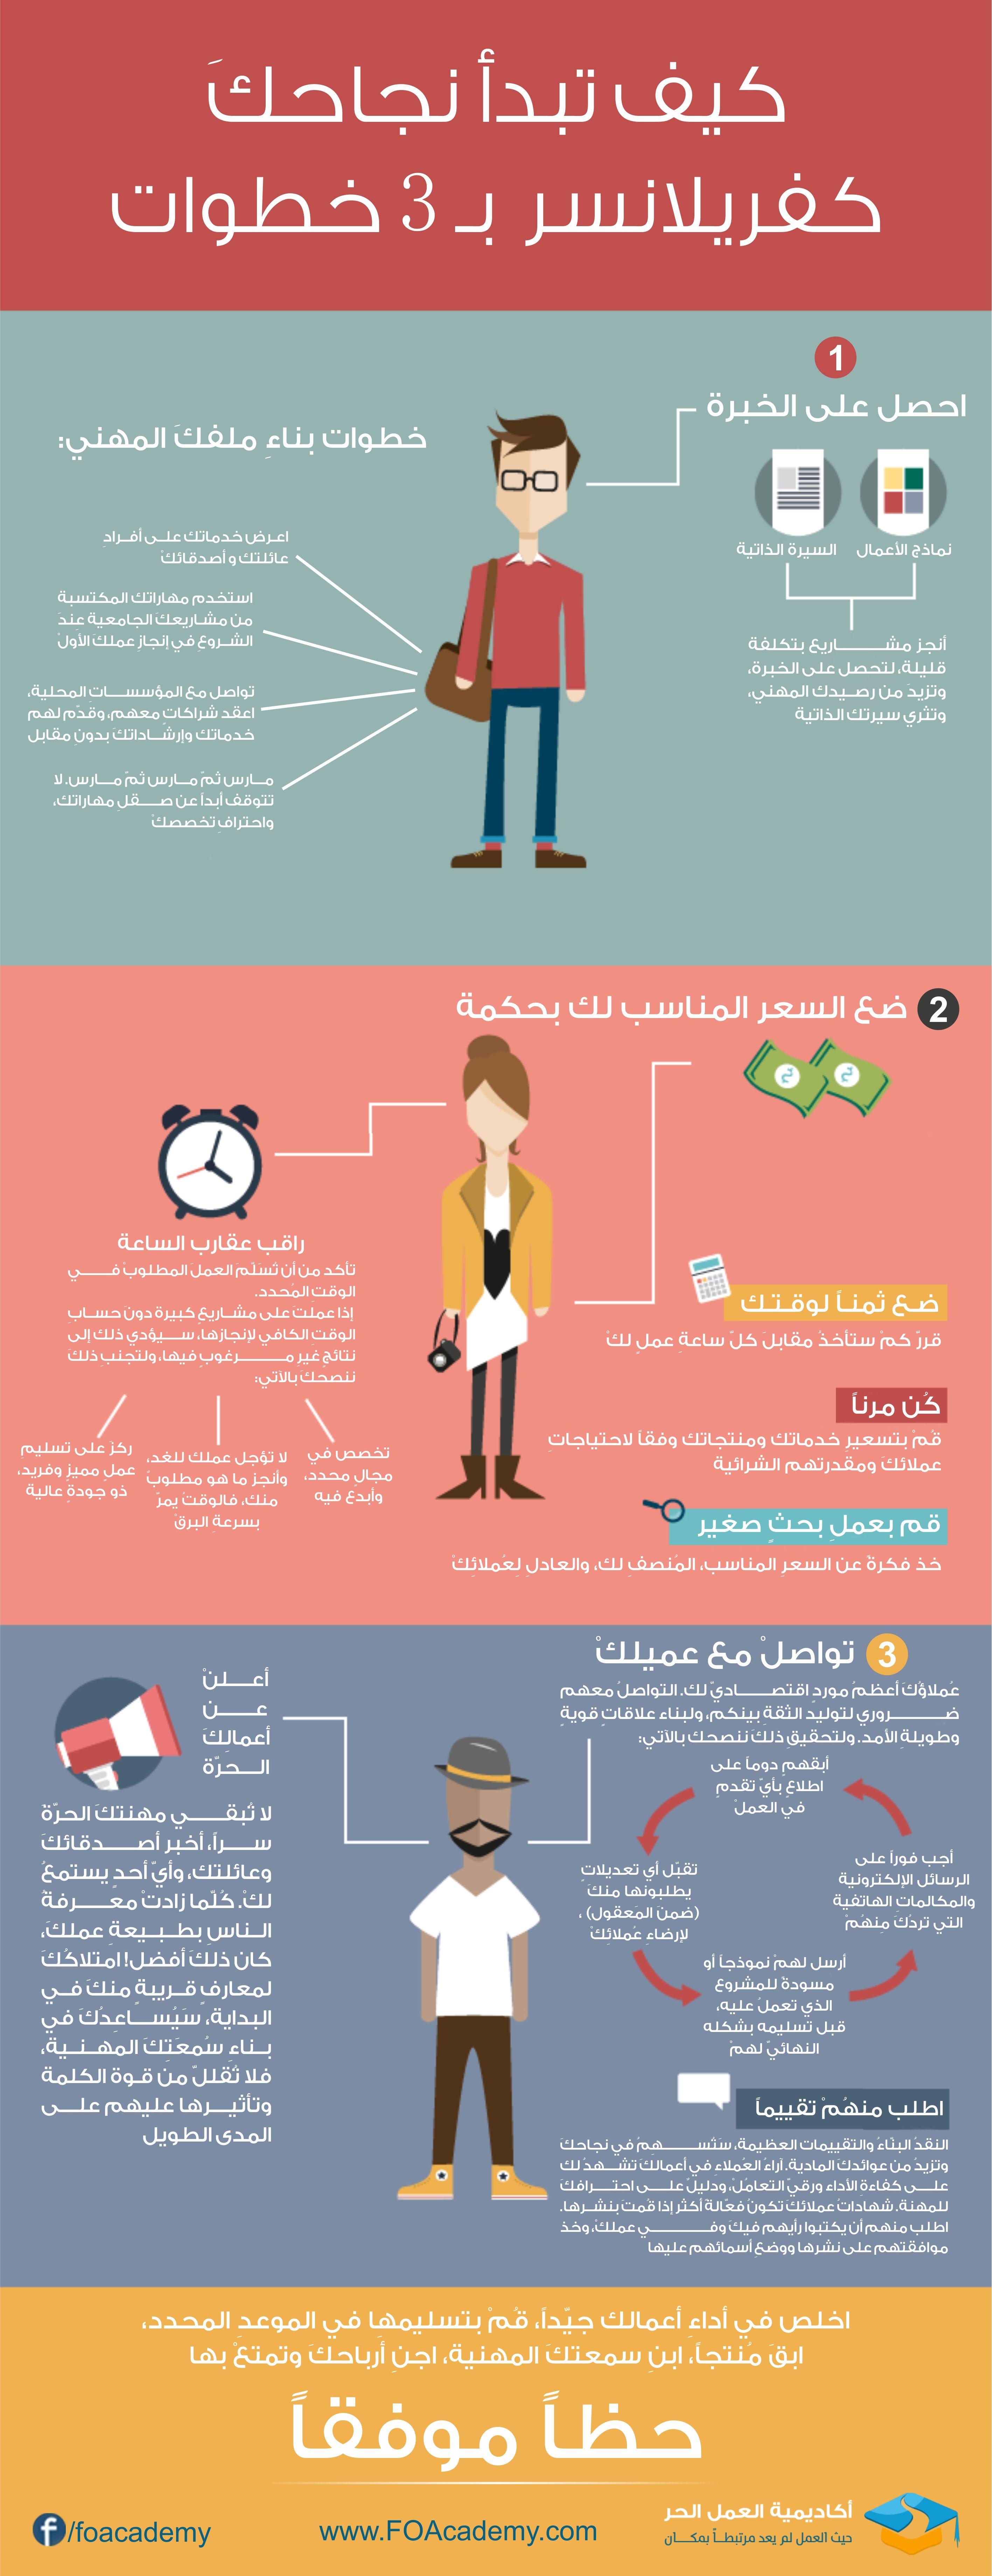 كيف تبدأ نجاحك كفريلانسر بـ 3 خطوات انفوجرافيك في بياني Life Skills Activities Life Skills Critical Thinking